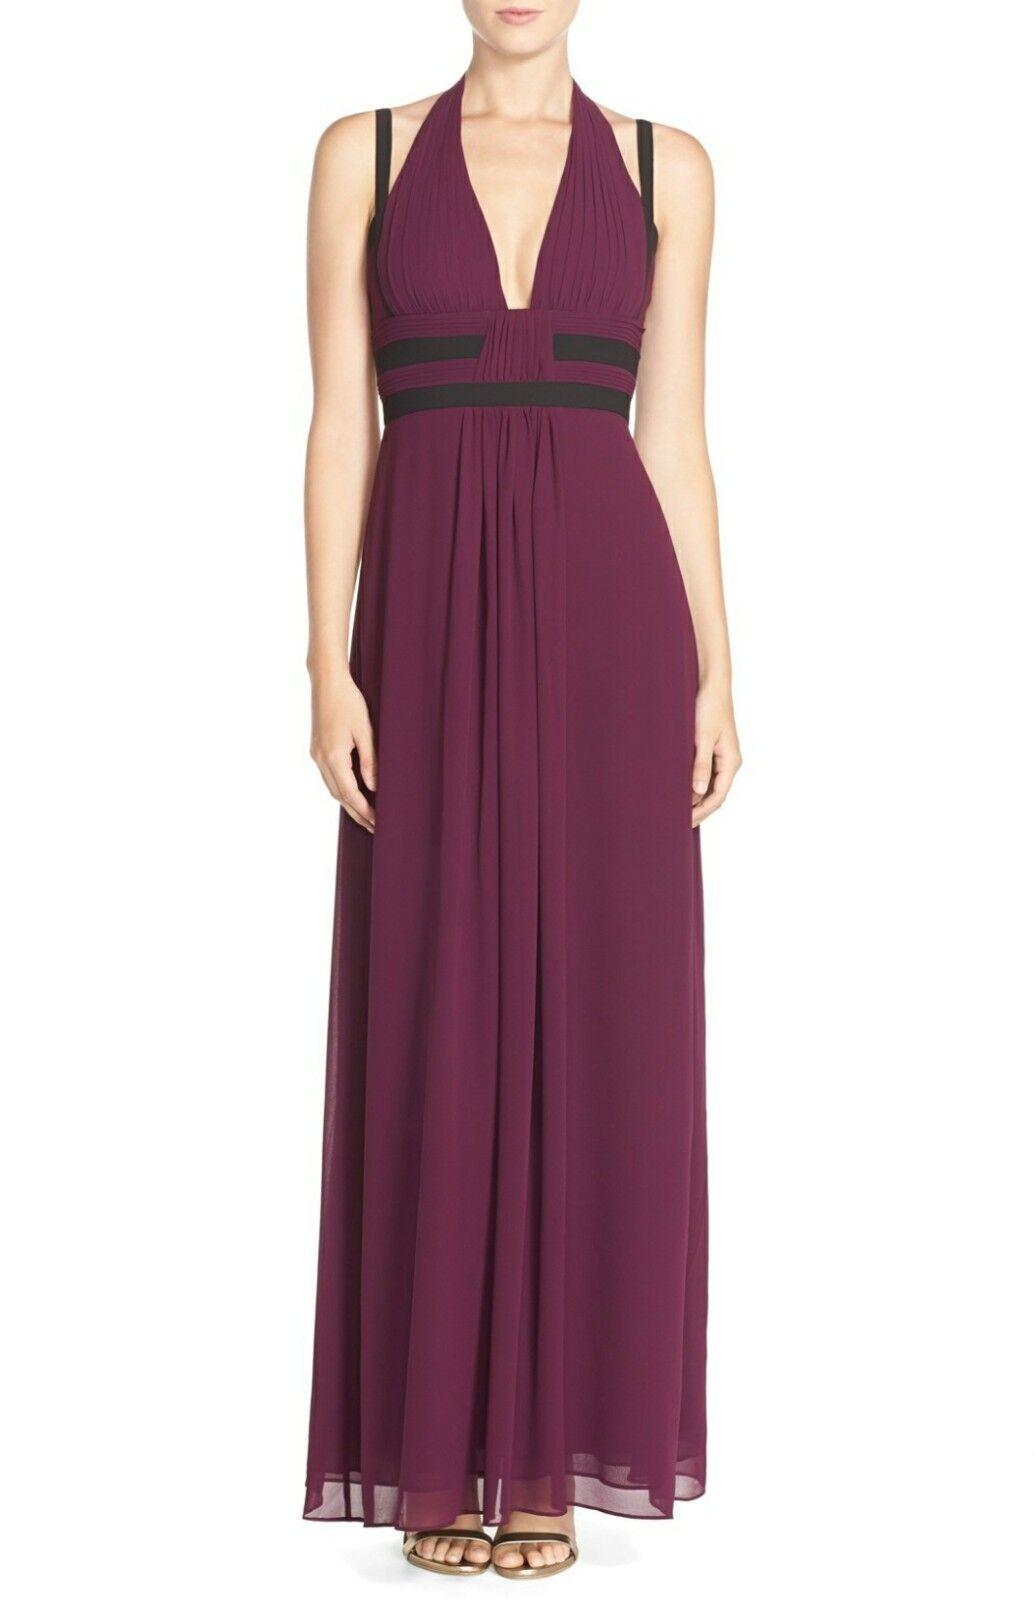 BCBG MAX AZRIA Magarette Gown Größe 0